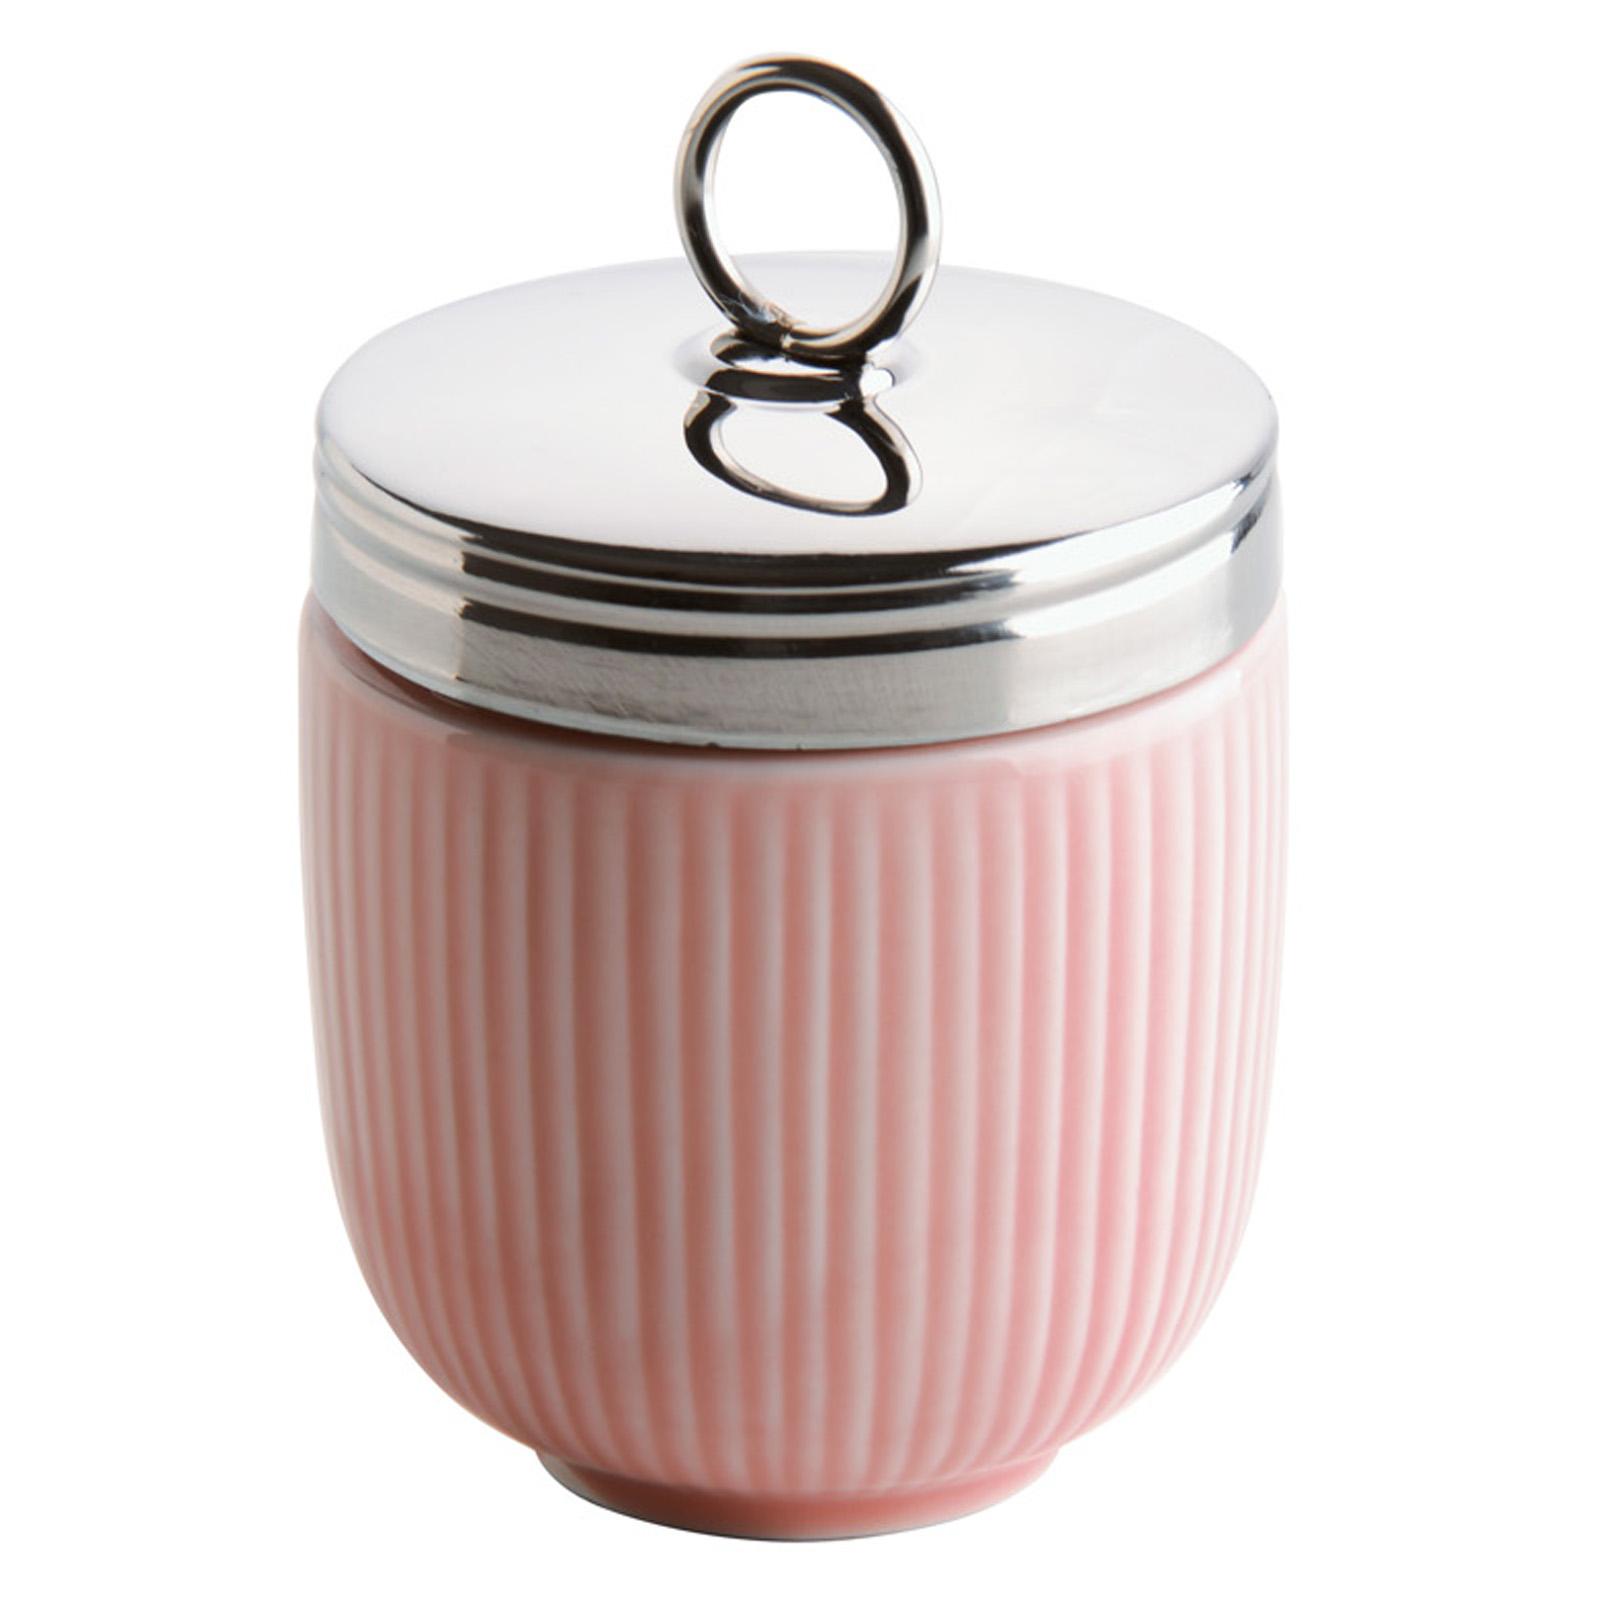 Fluted Egg Coddler Celadon Pink